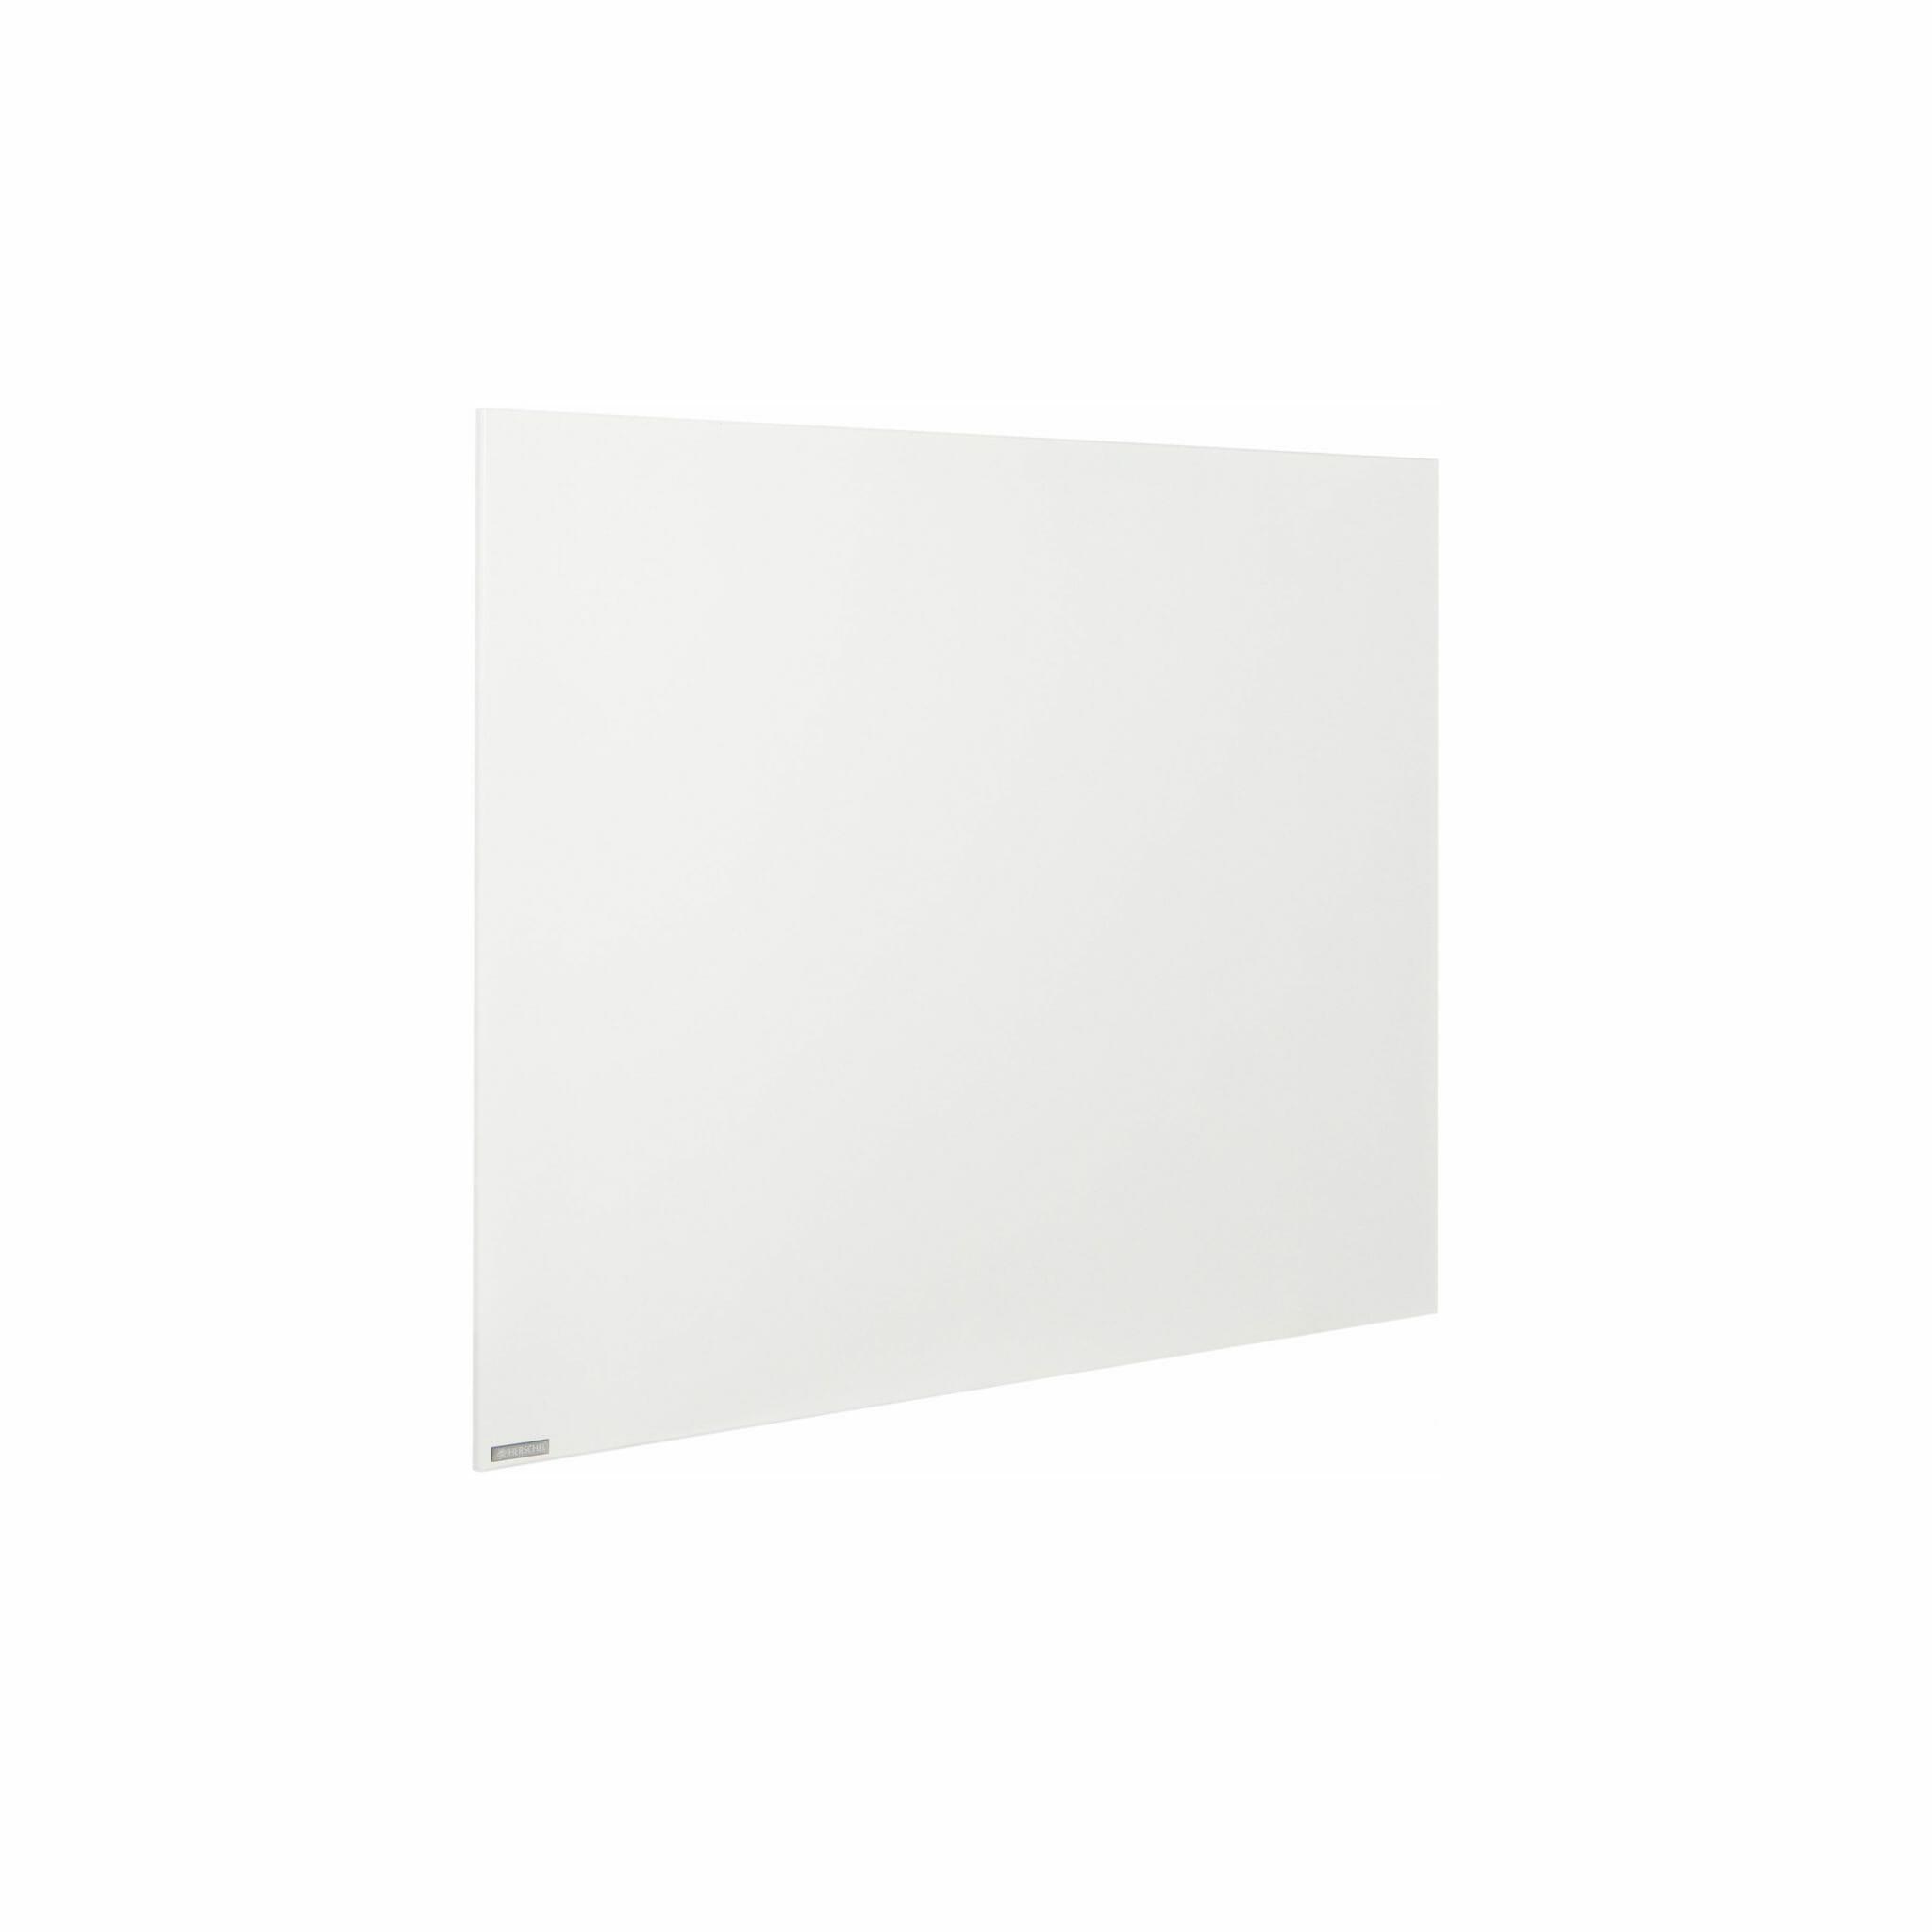 Inspire White herschel infrared heating panel